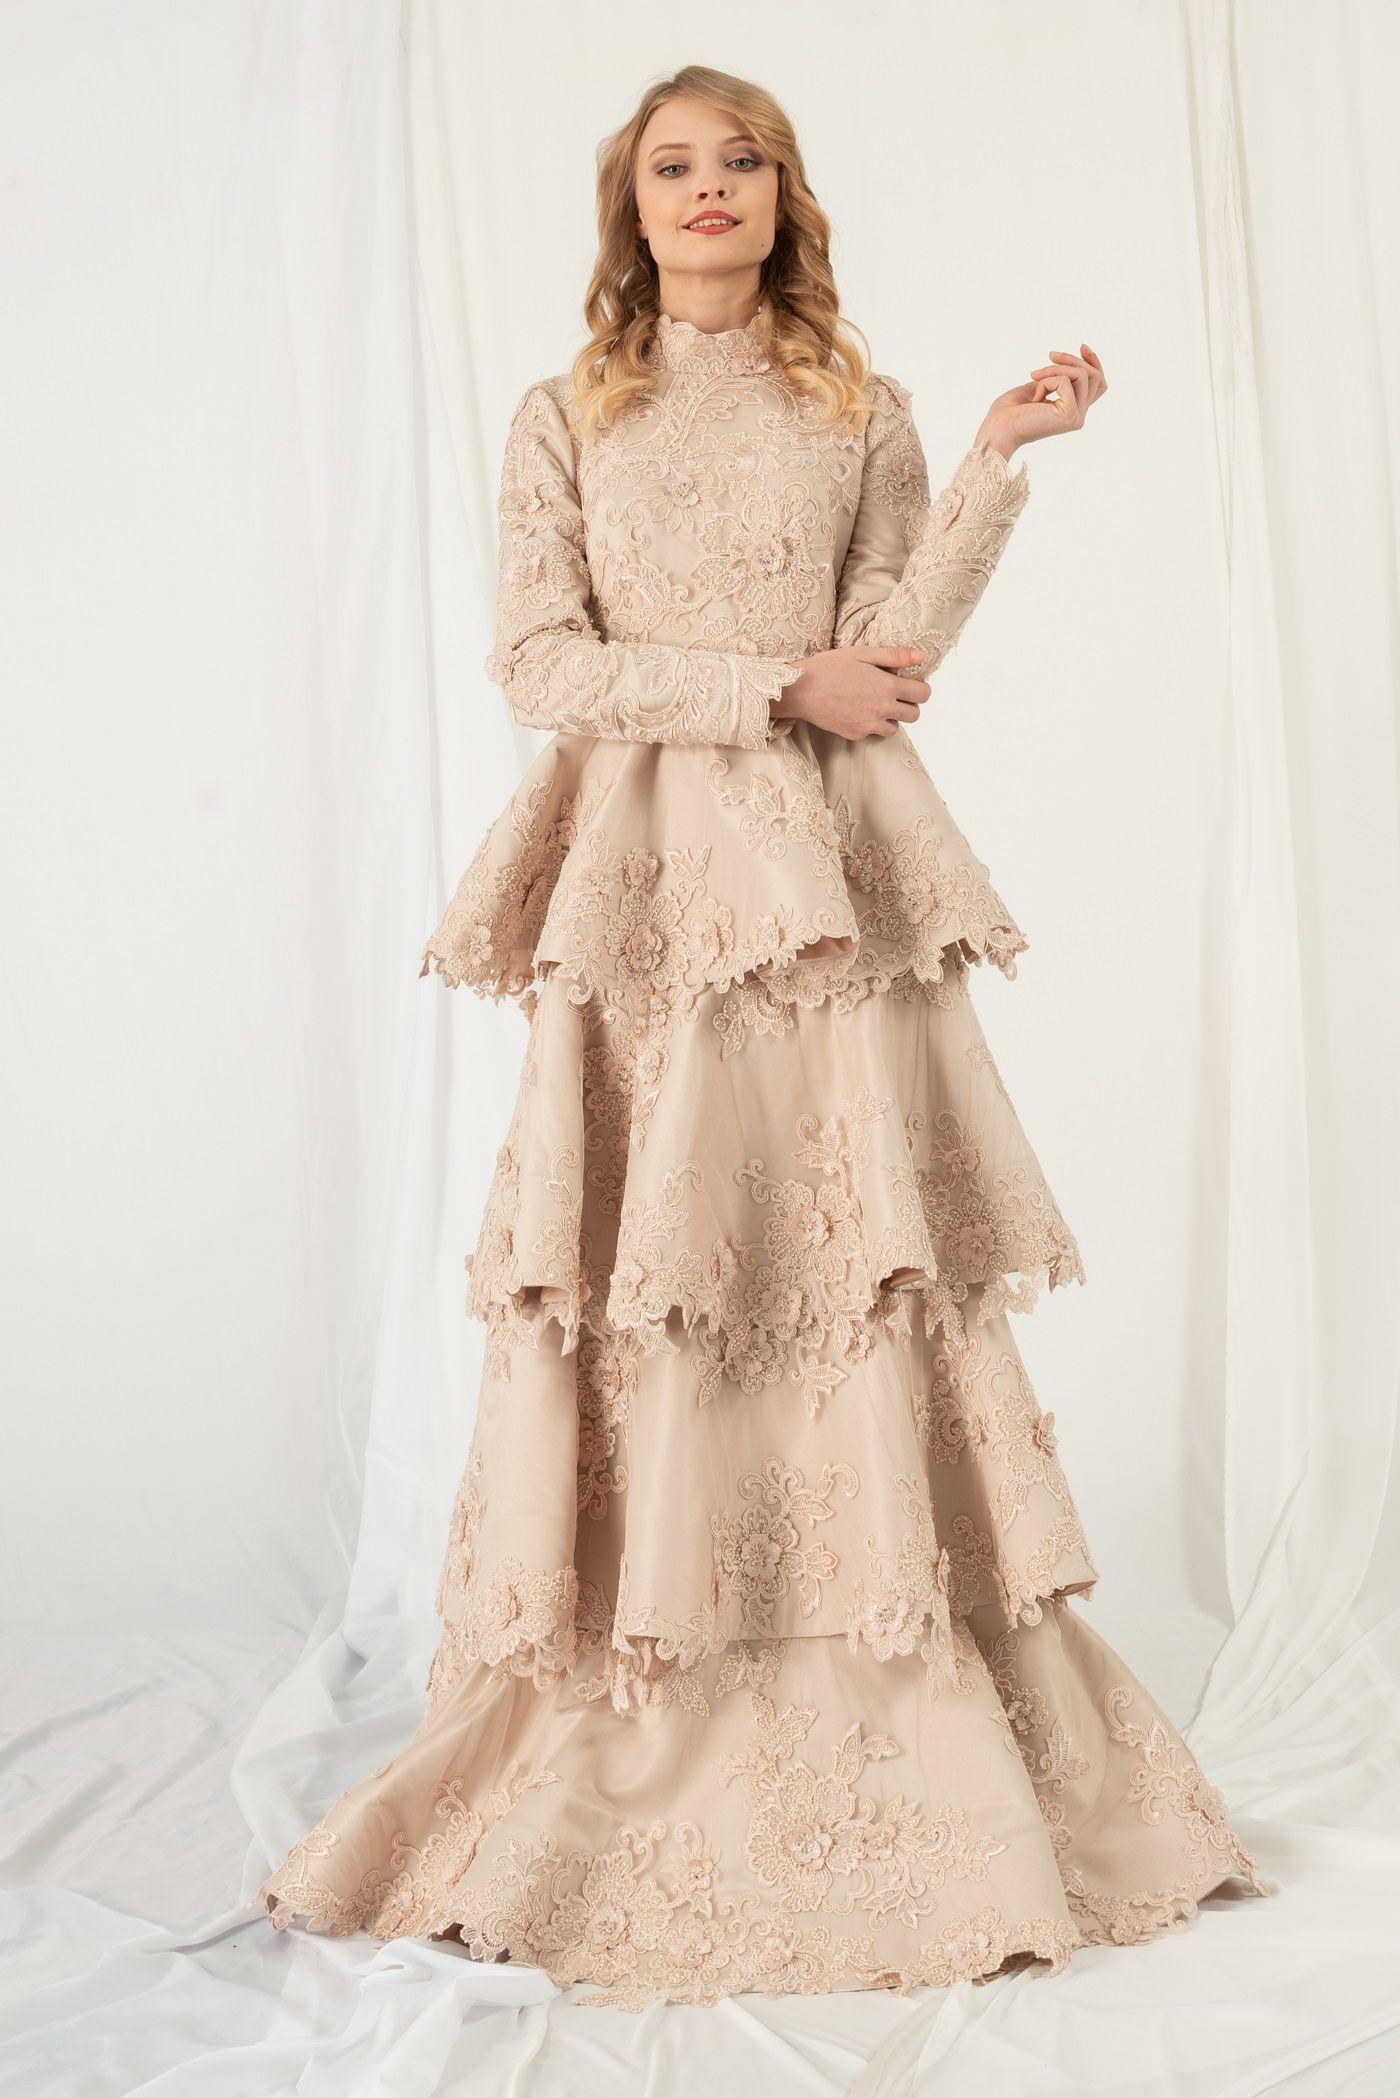 Gonul Kolat 3 Boyutlu Kristal Islemeli Dantelli Kat Kat Nisanlik 2019n7 Somon Moda Stilleri Victorian Elbiseler Elbise Modelleri